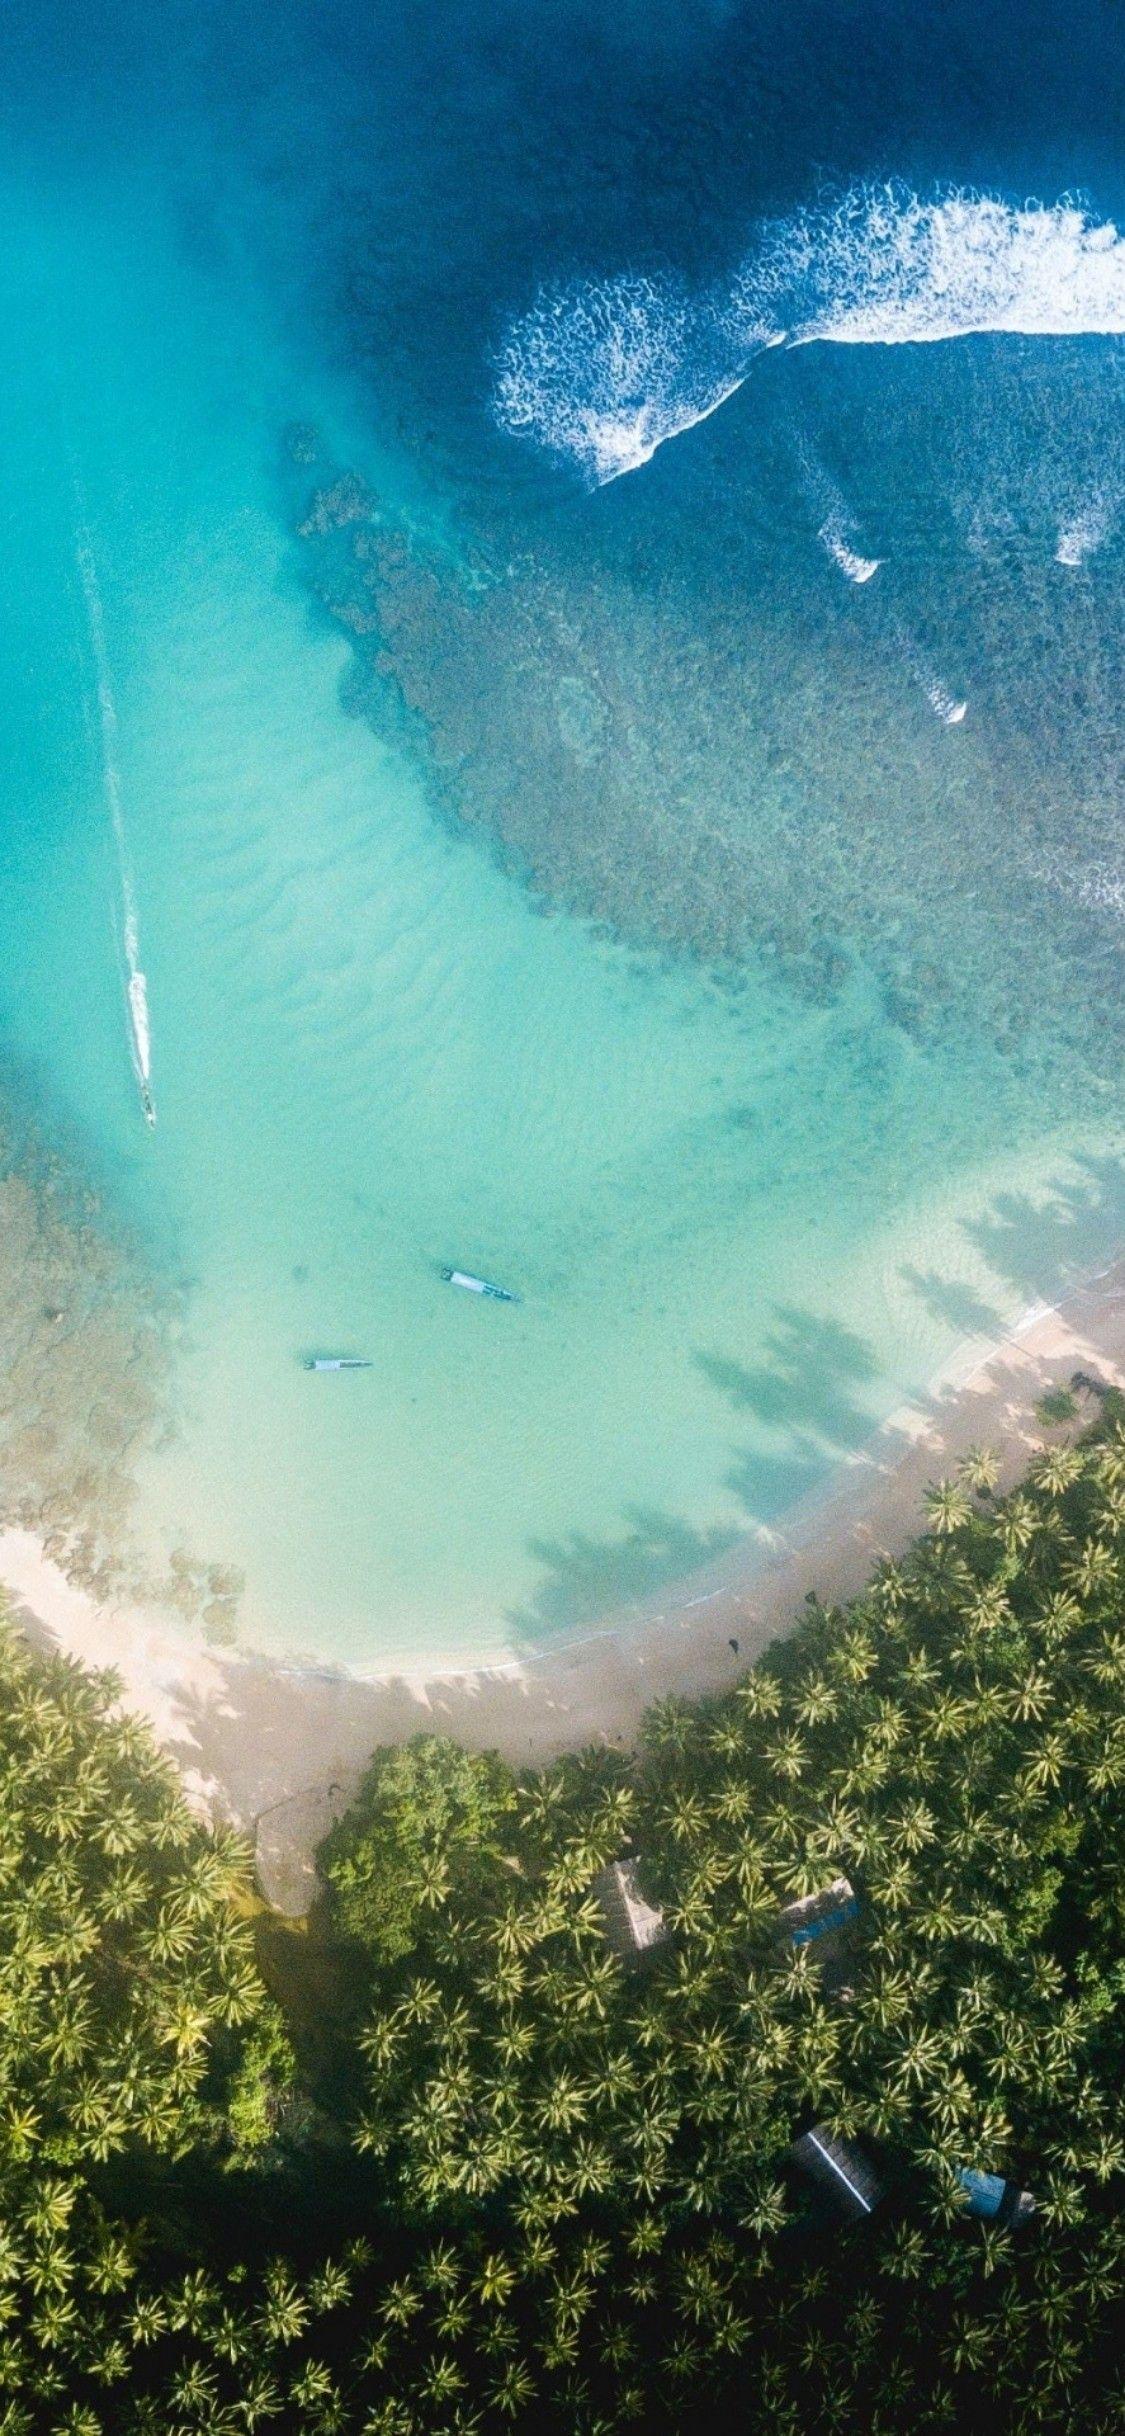 iOS 11 iPhone X Aqua blue Water beach wave ocean apple 1125x2436